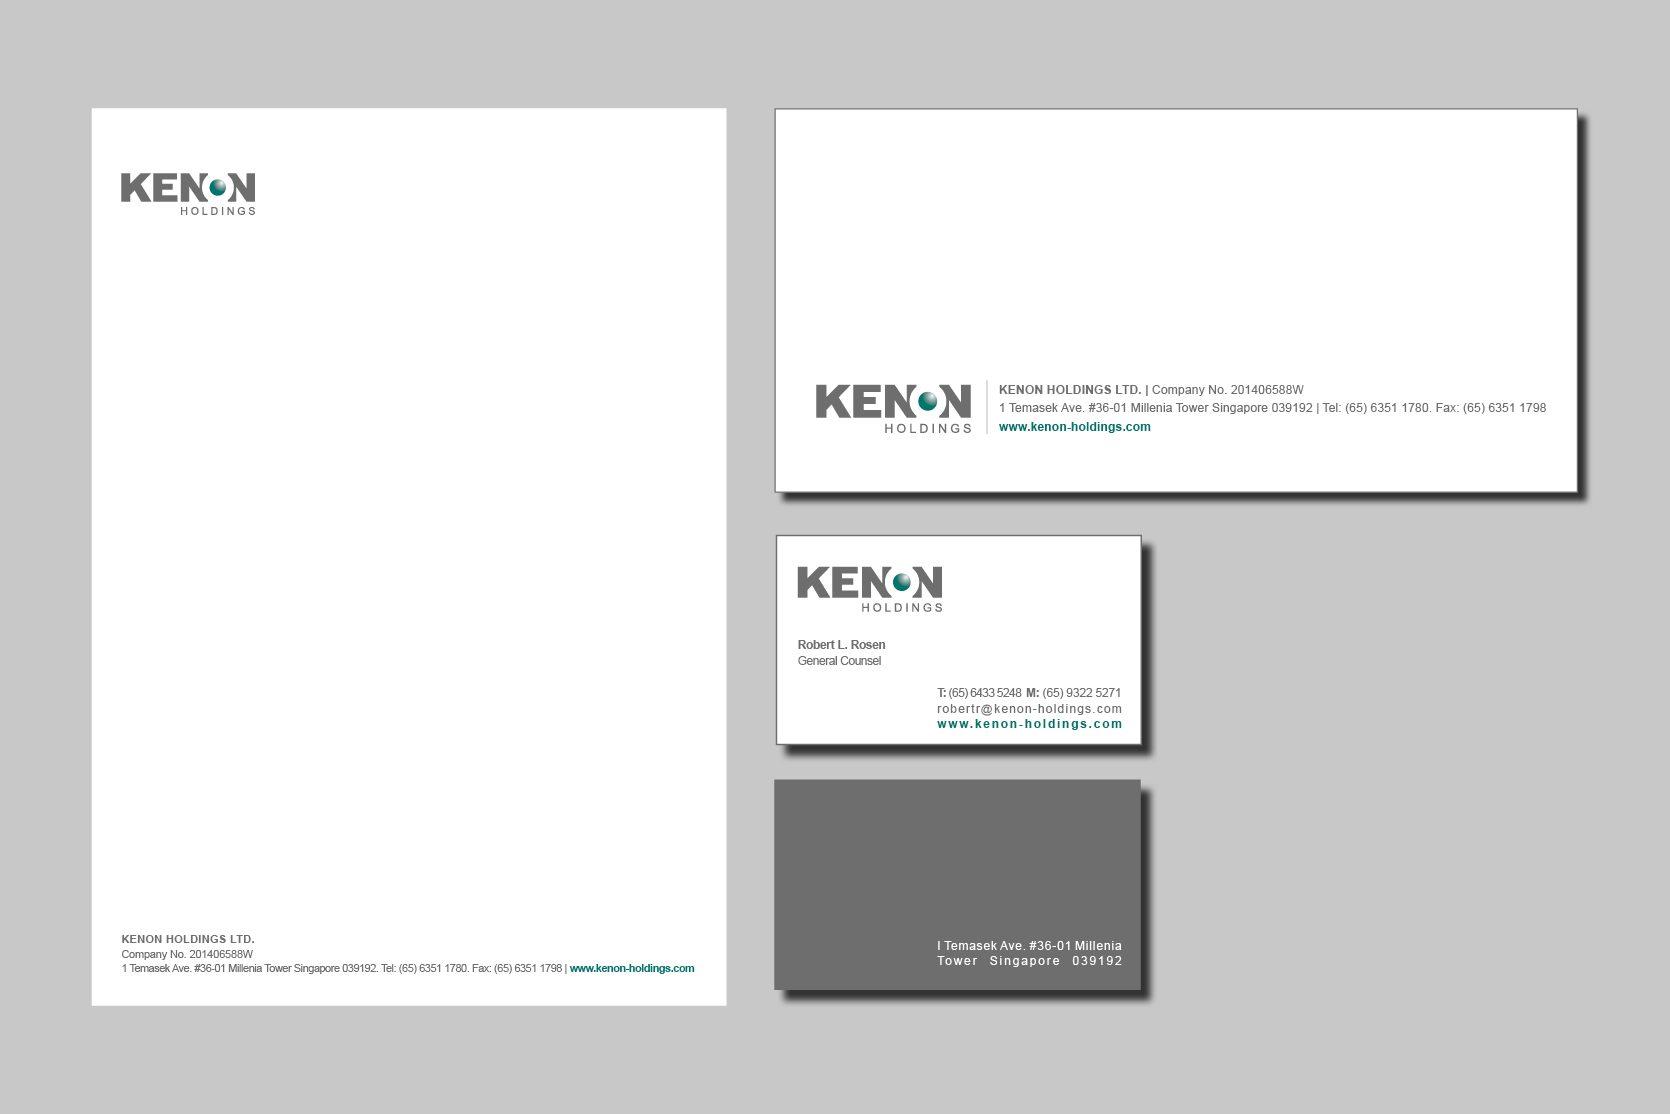 kenon3